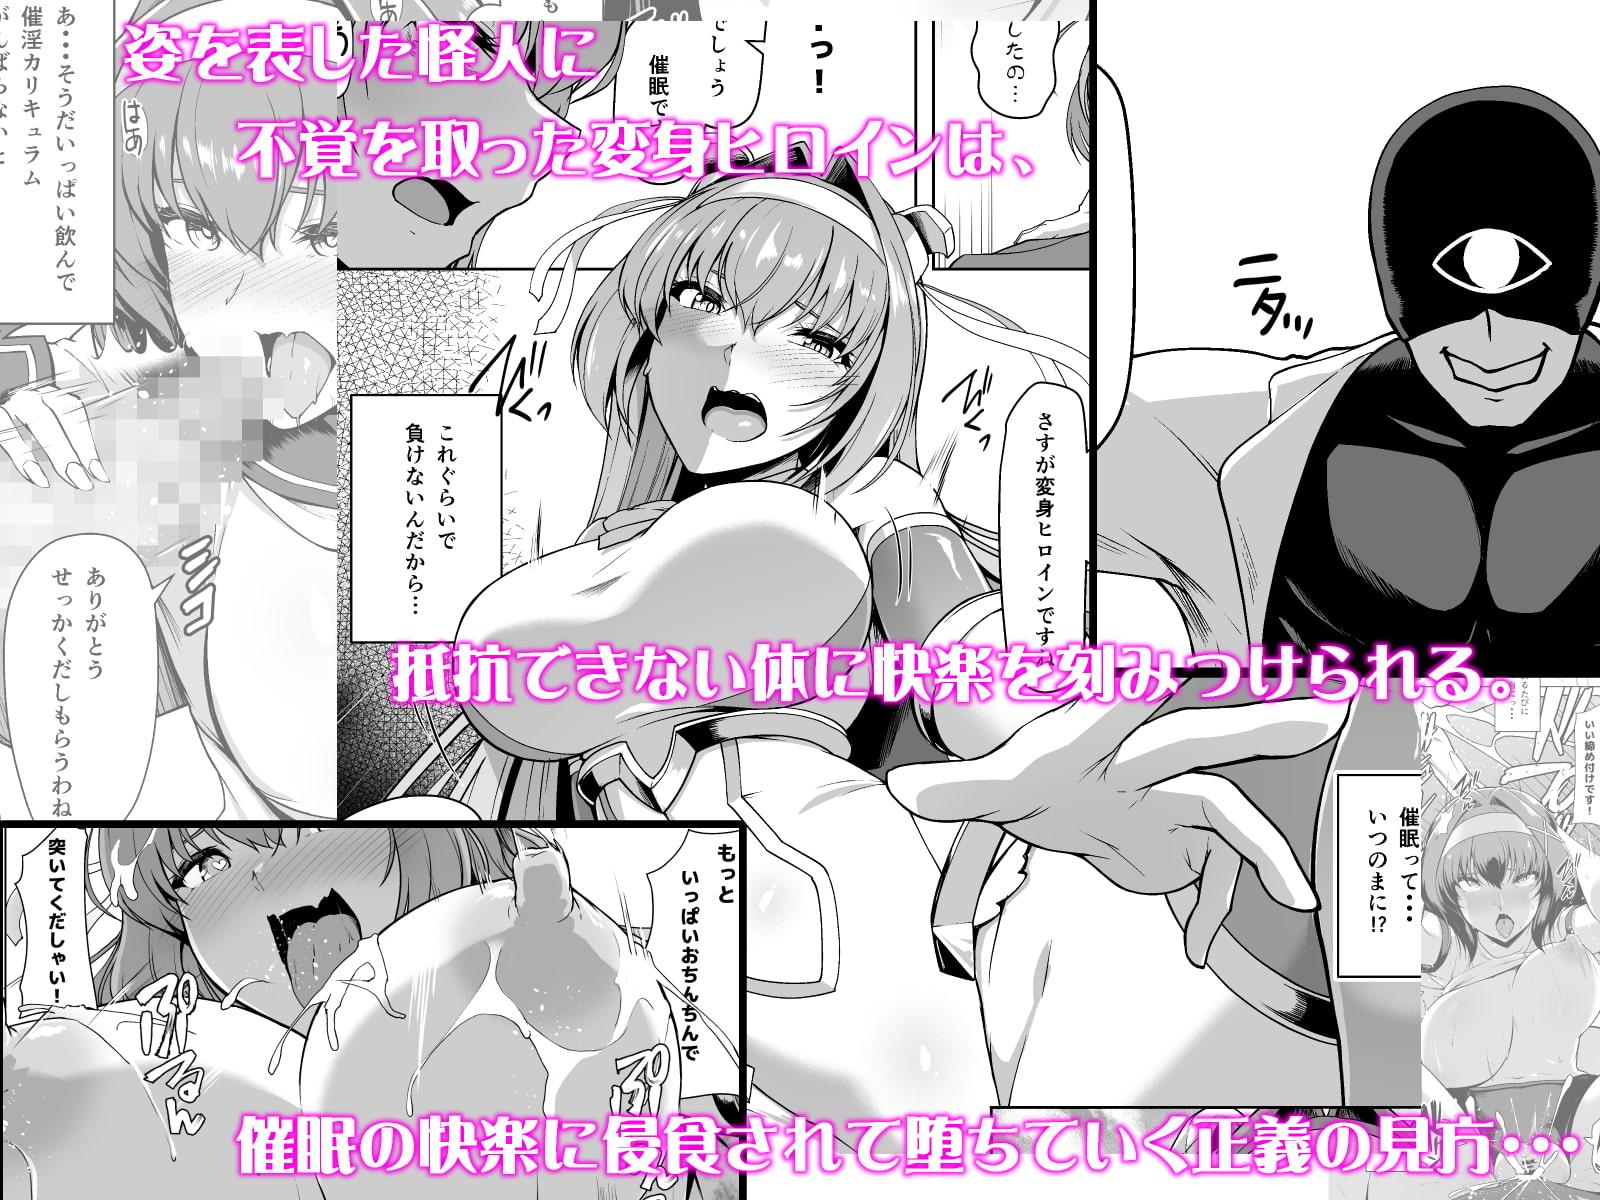 催淫カリキュラム -変身ヒロイン完全洗脳コース-のサンプル画像